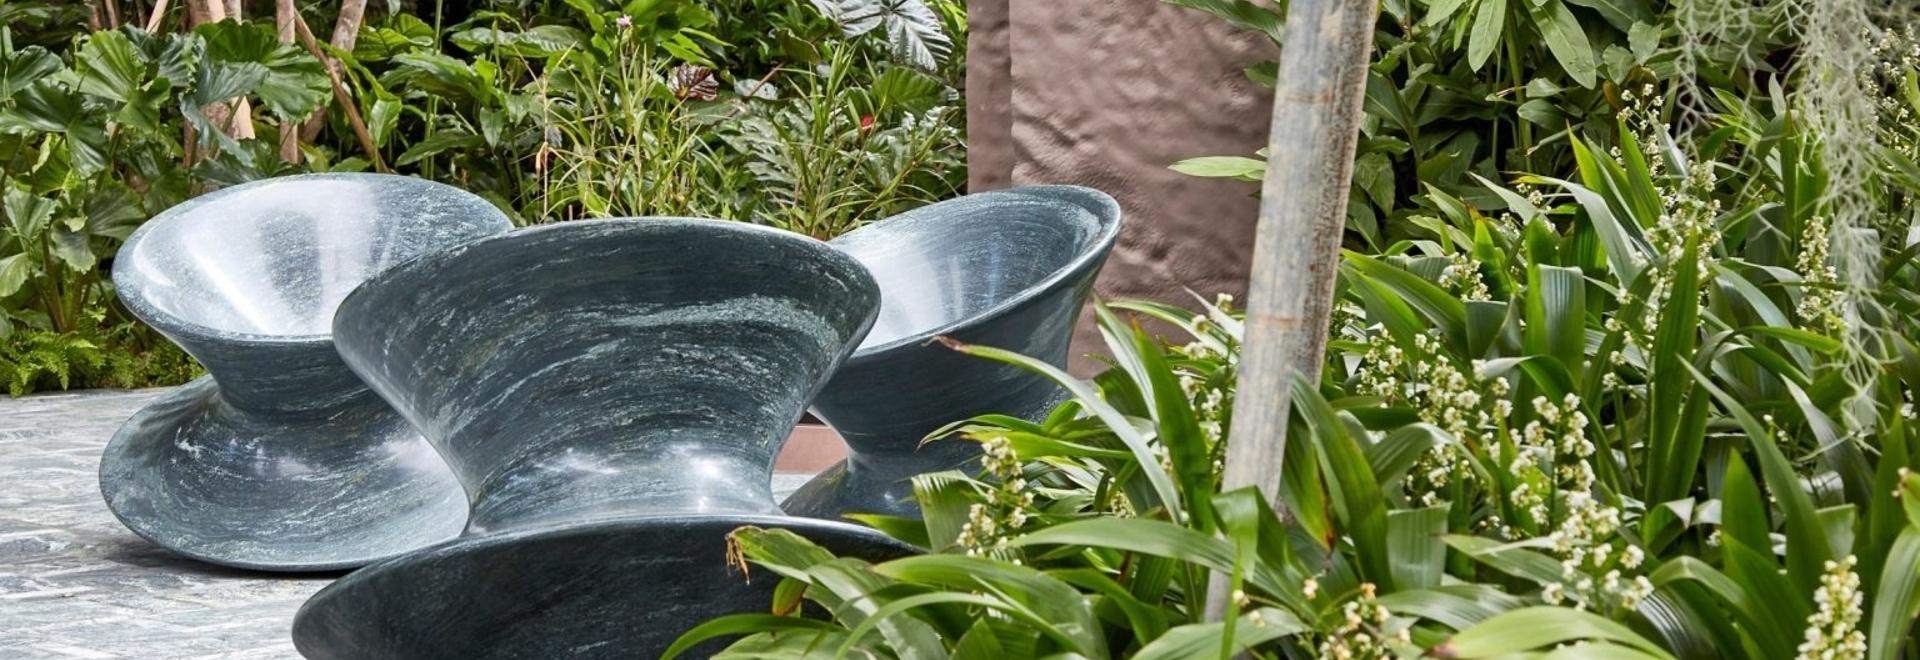 El estudio Heatherwick recrea una silla giratoria en granito